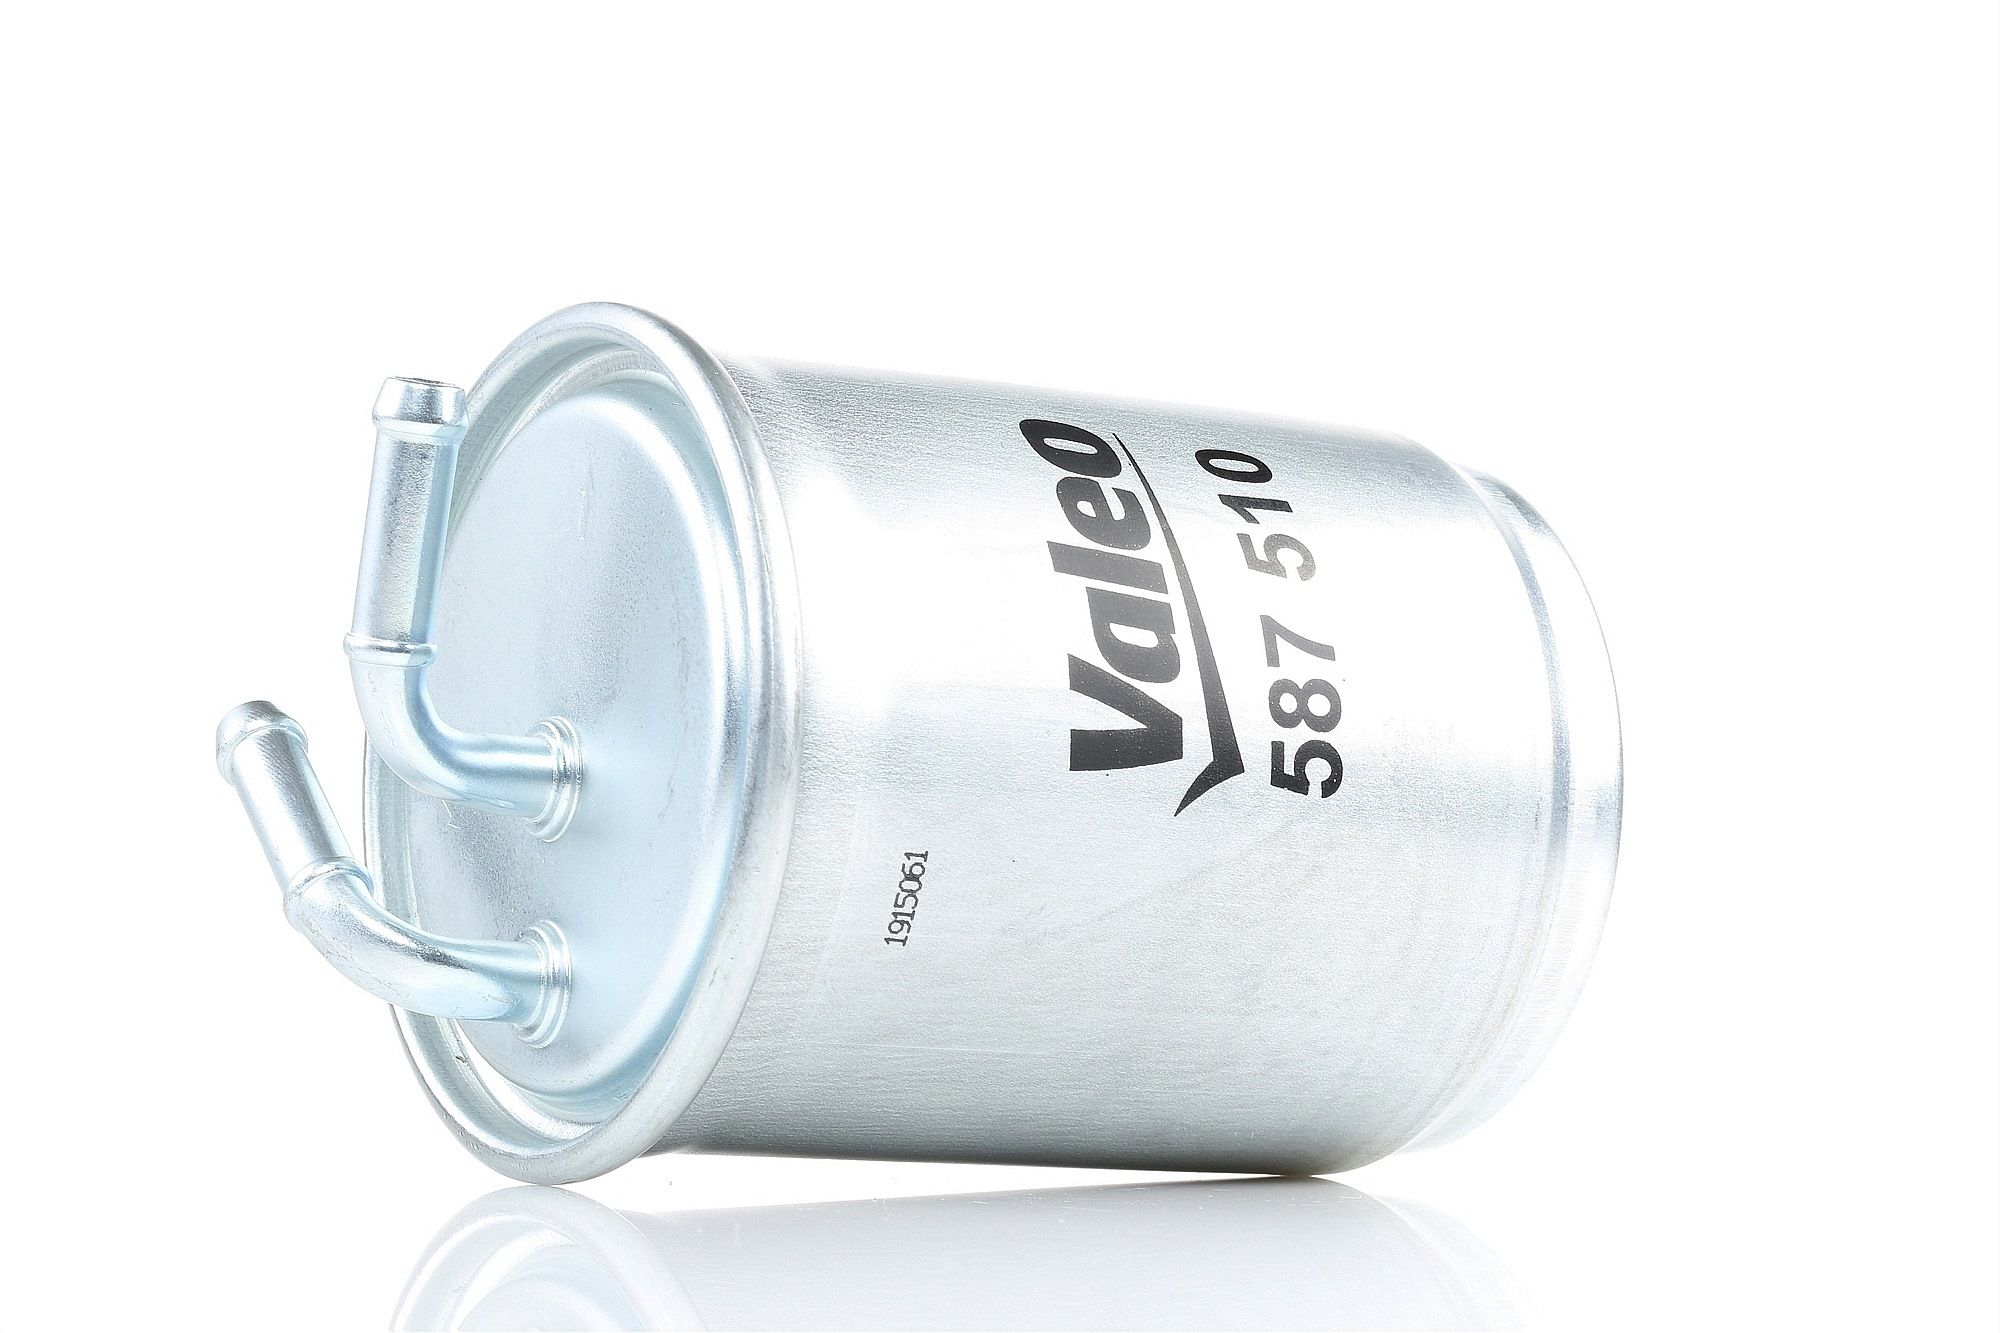 Palivový filtr 587510 s vynikajícím poměrem mezi cenou a VALEO kvalitou